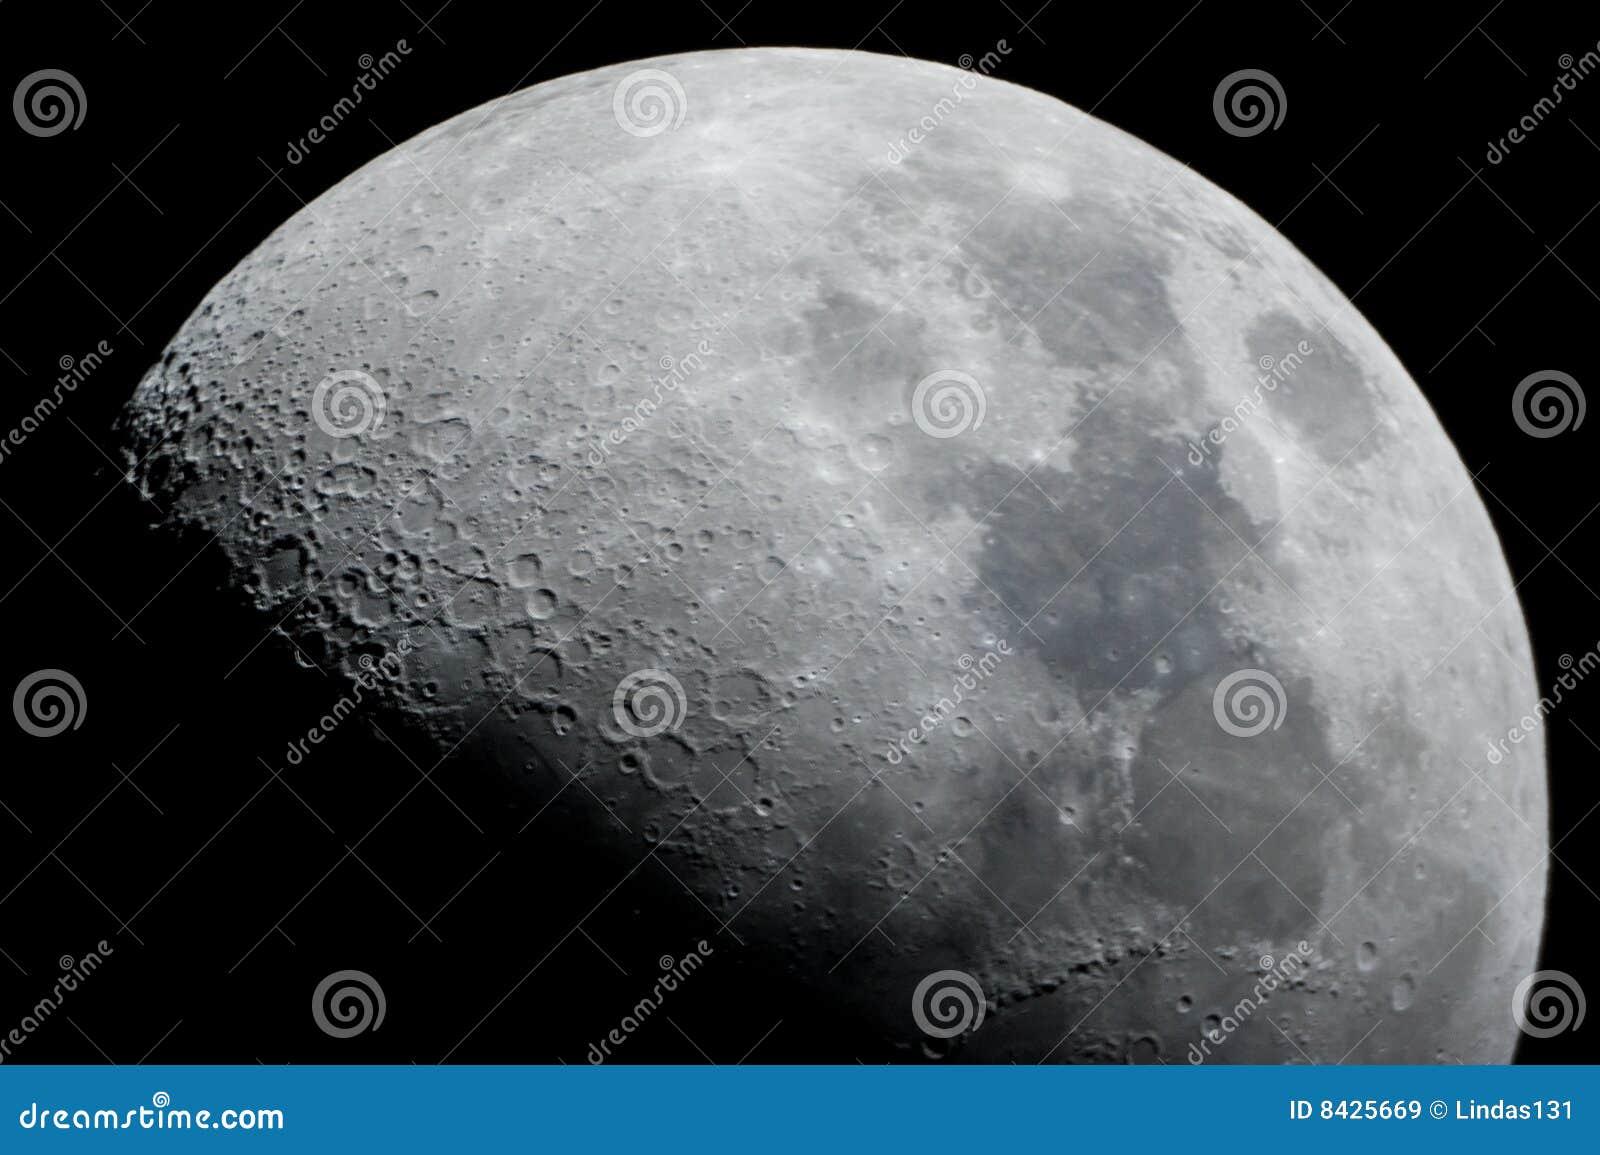 Nahaufnahme eines halben Mondes